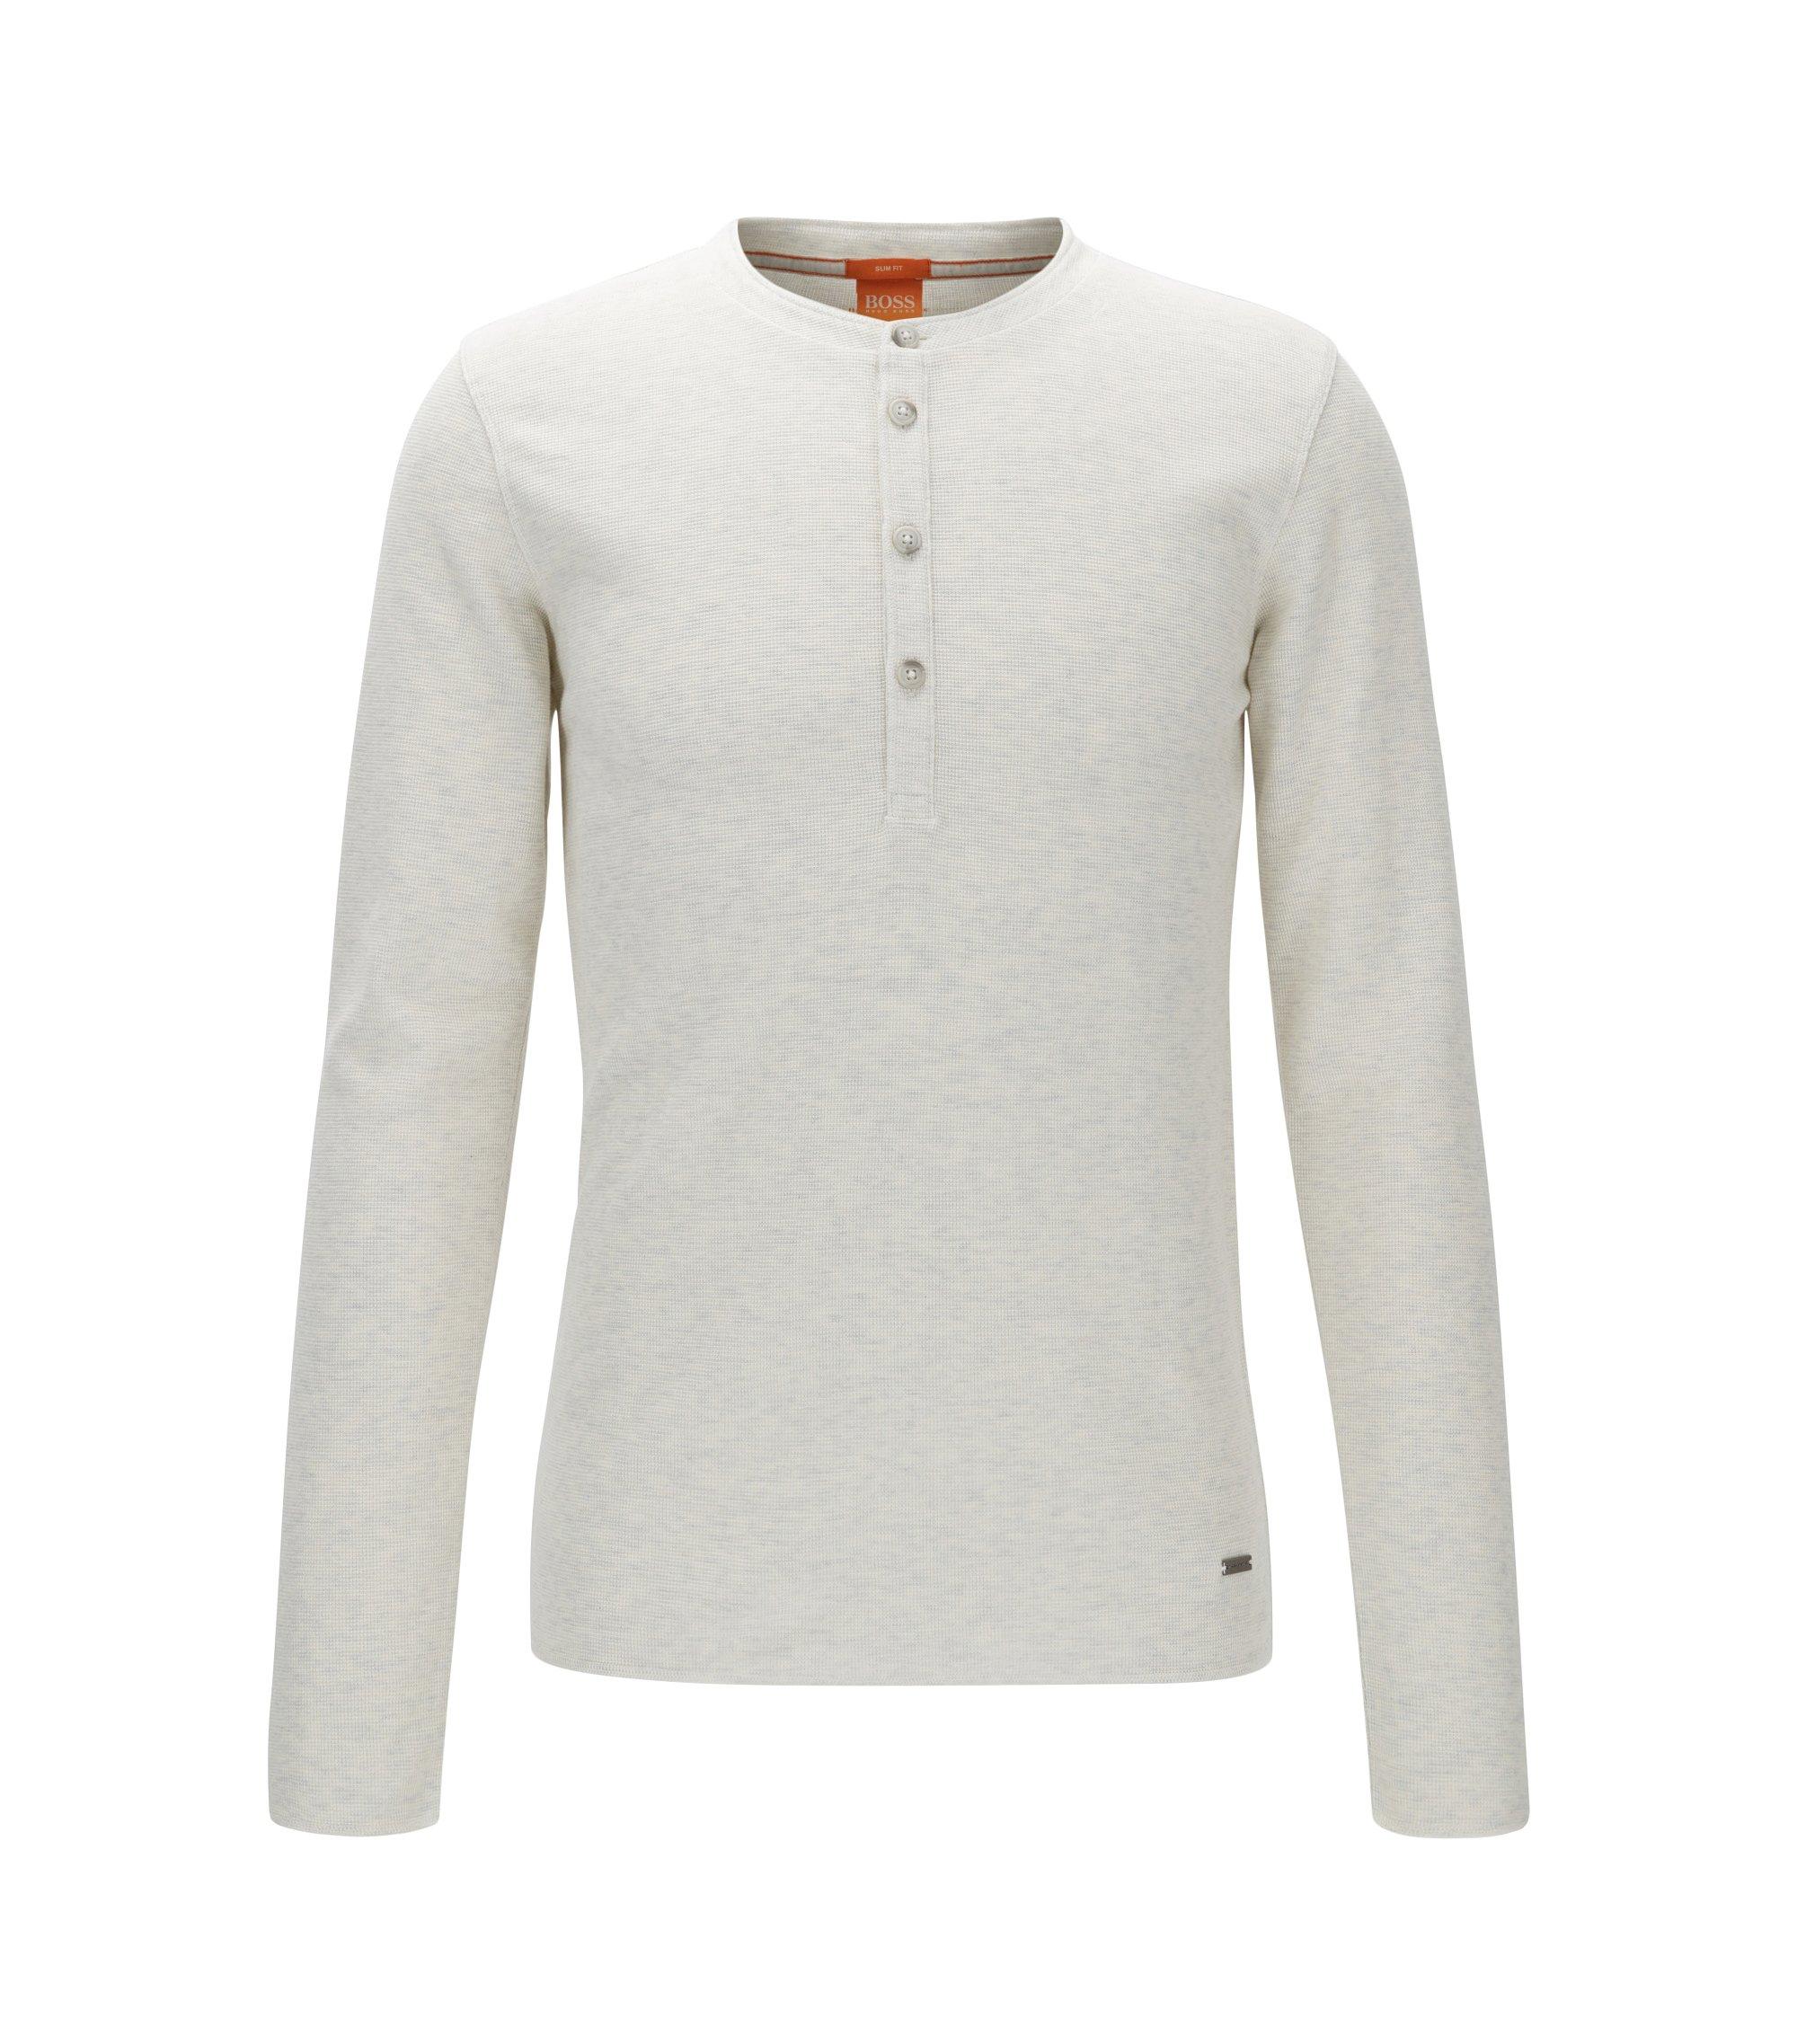 Camiseta slim fit estilo Henley en algodón de rejilla, Natural